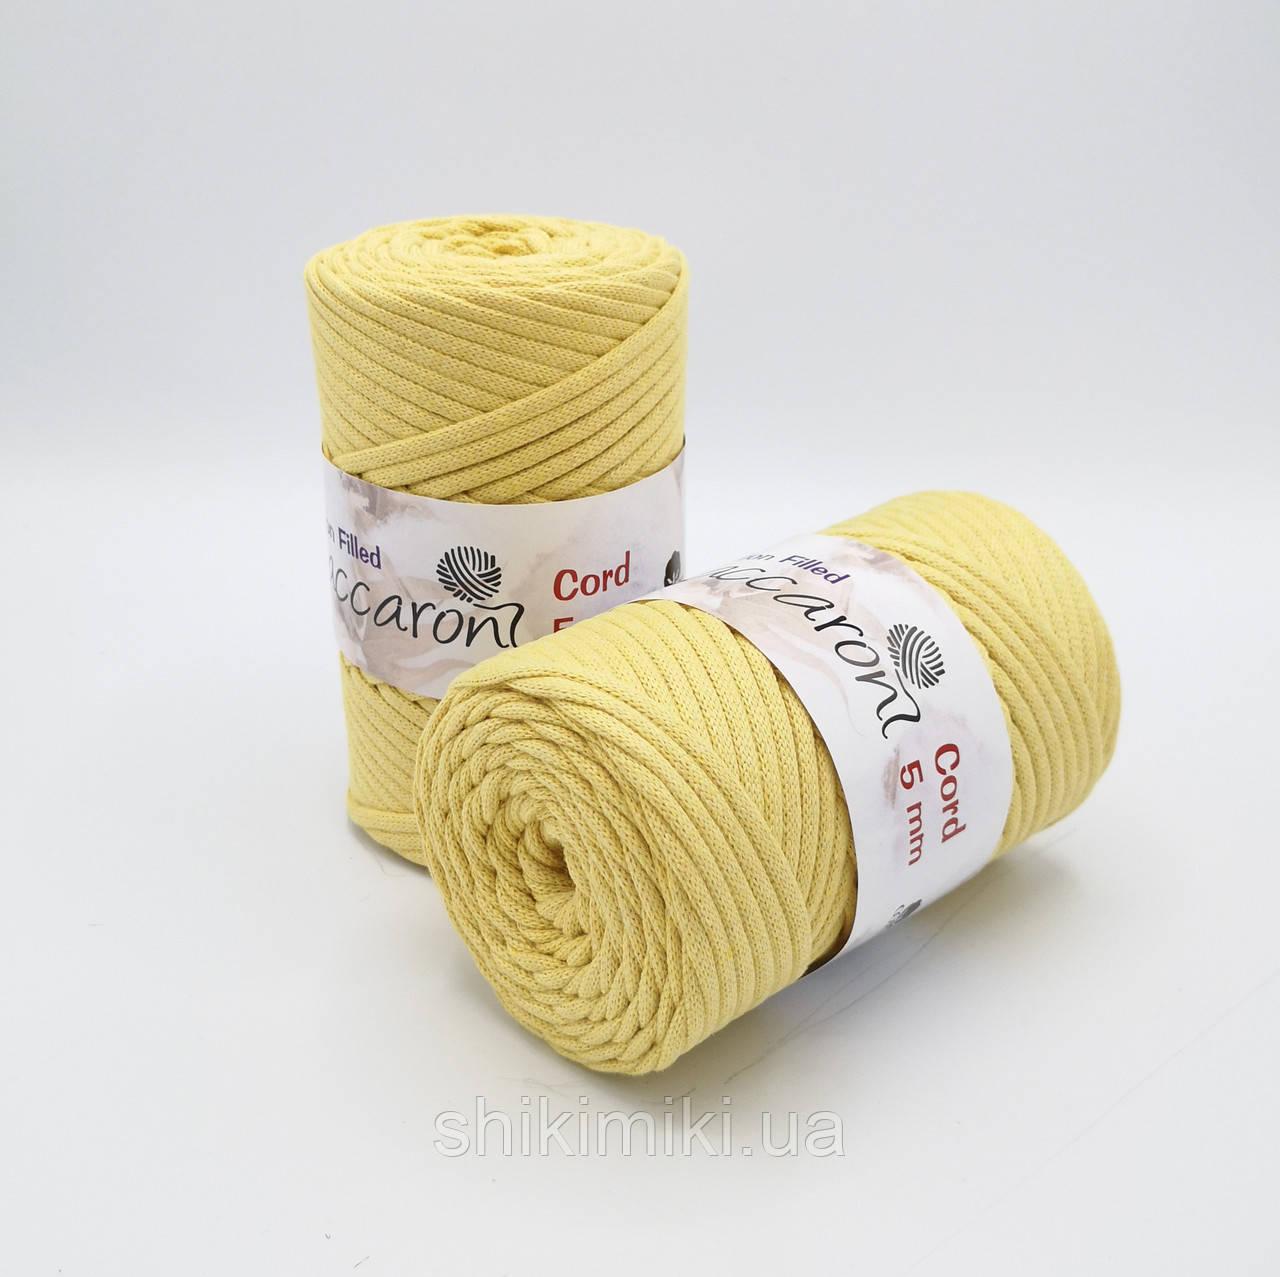 Трикотажный хлопковый шнур Cotton Filled 5 мм, цвет Желтый